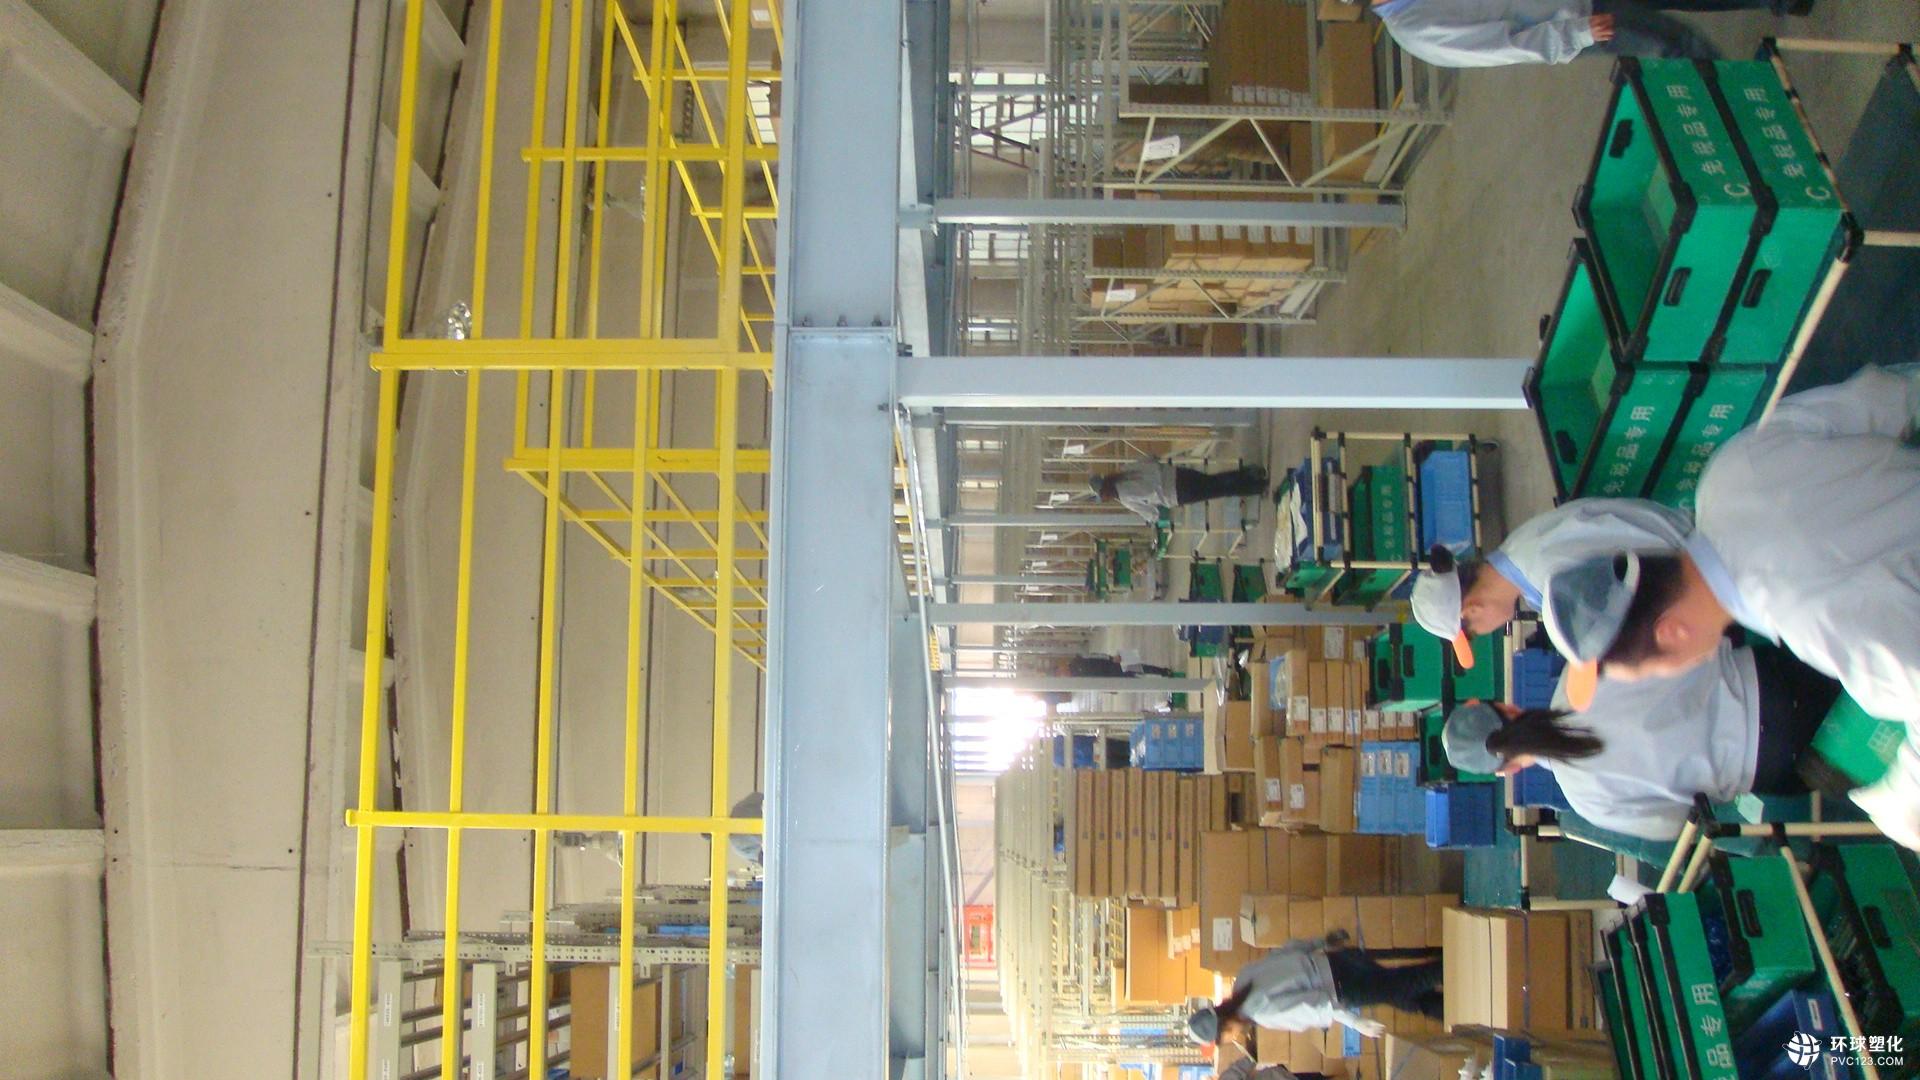 阁楼平台货架 天津阁楼平台货架厂 天津阁楼平台货架价格